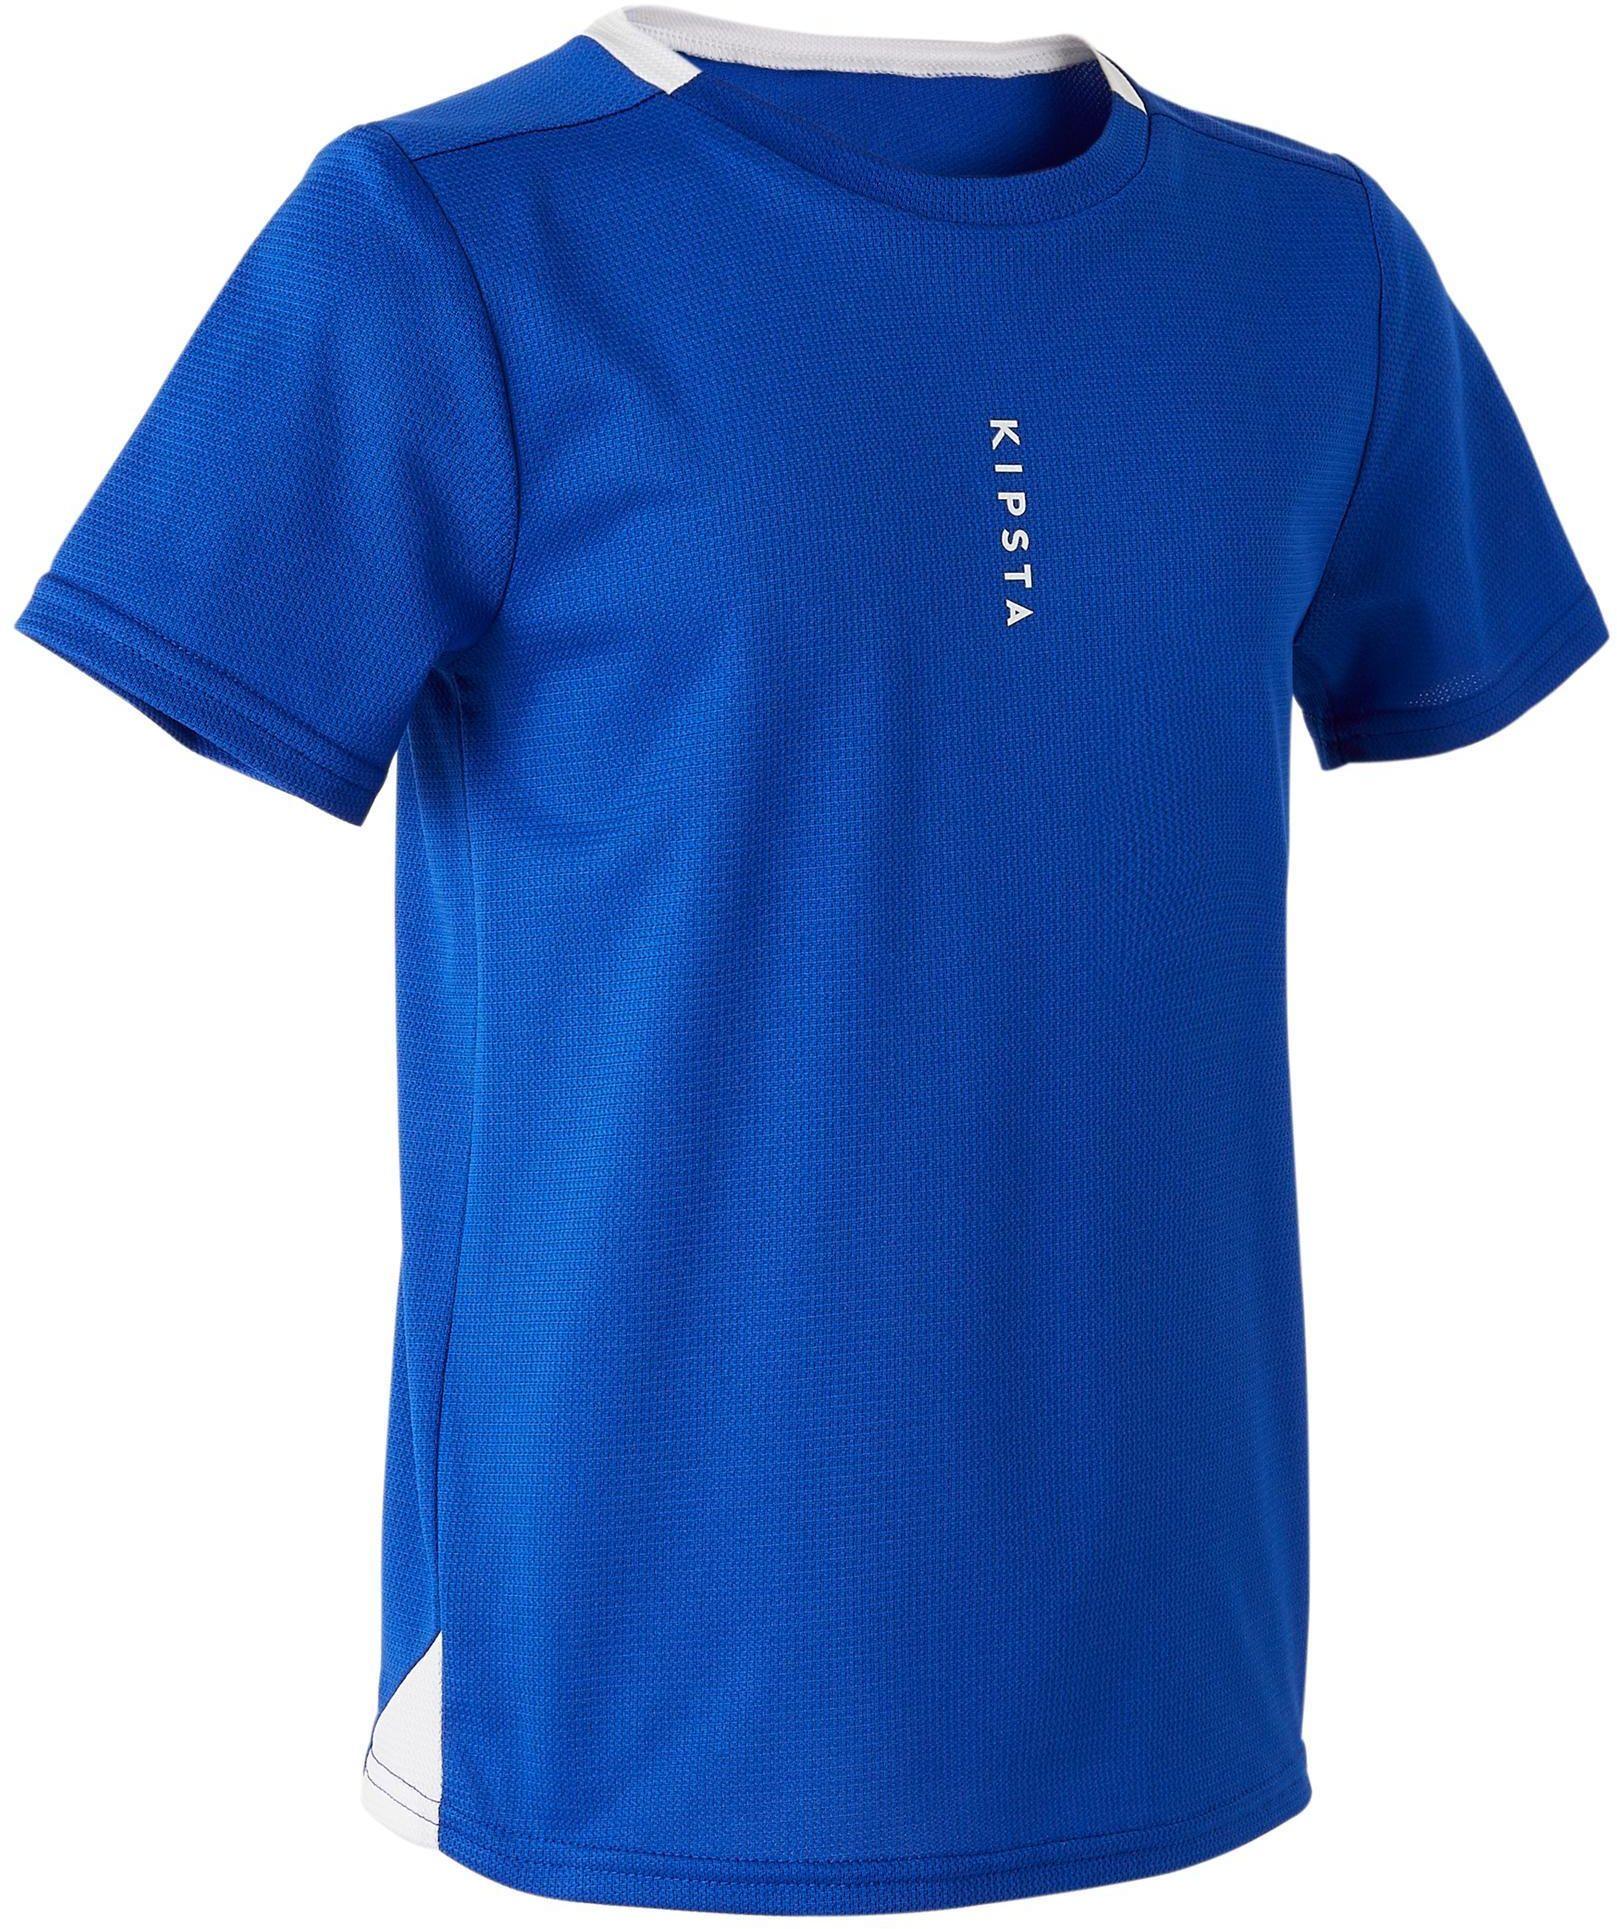 Koszulka piłkarska dla dzieci Kipsta F100